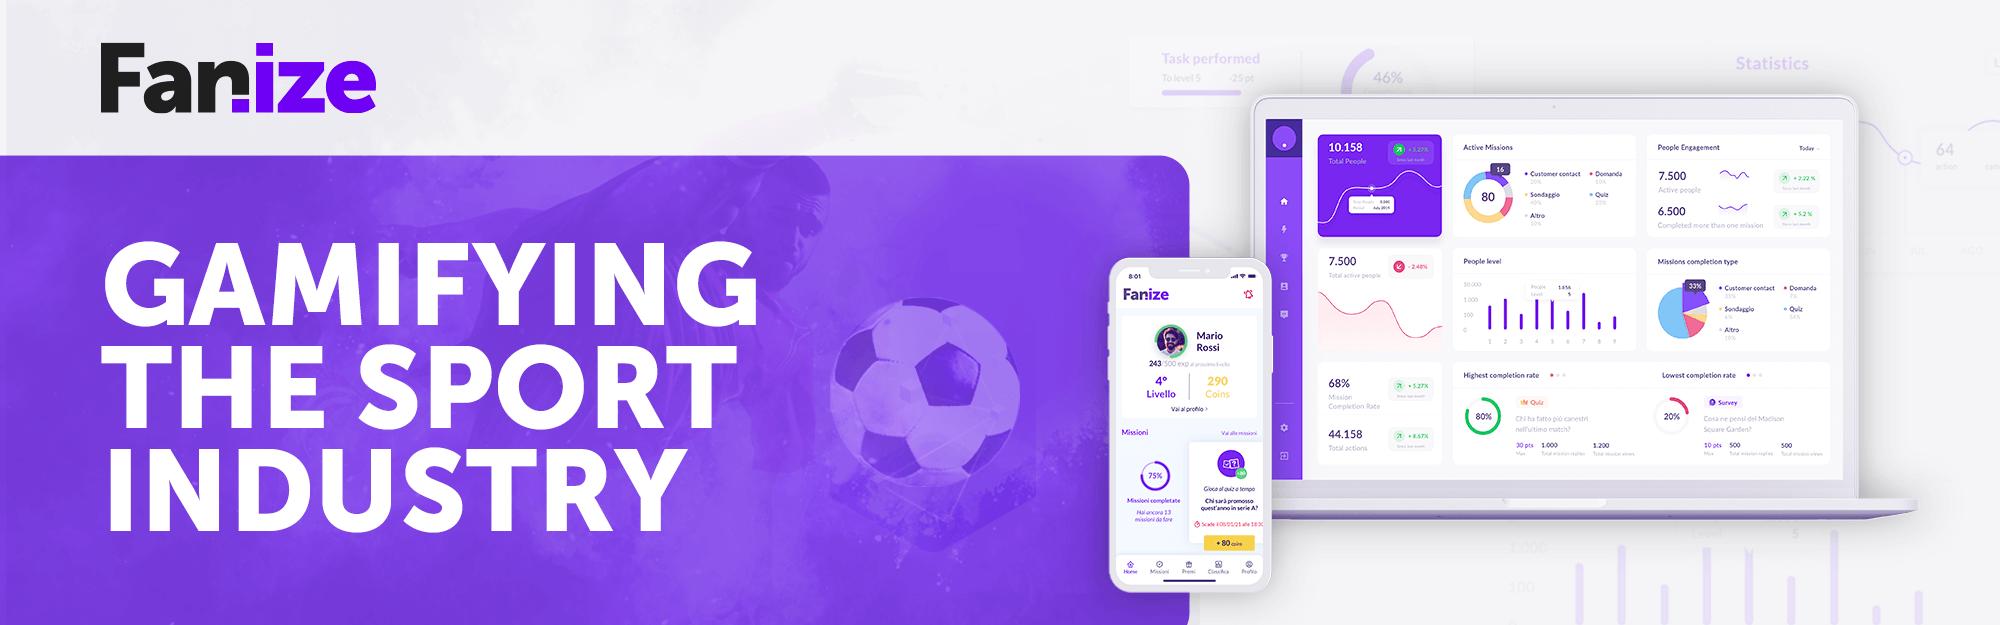 Fanize per lo sport: IQUII presenta la soluzione web e mobile per connettere squadre, fan e sponsor